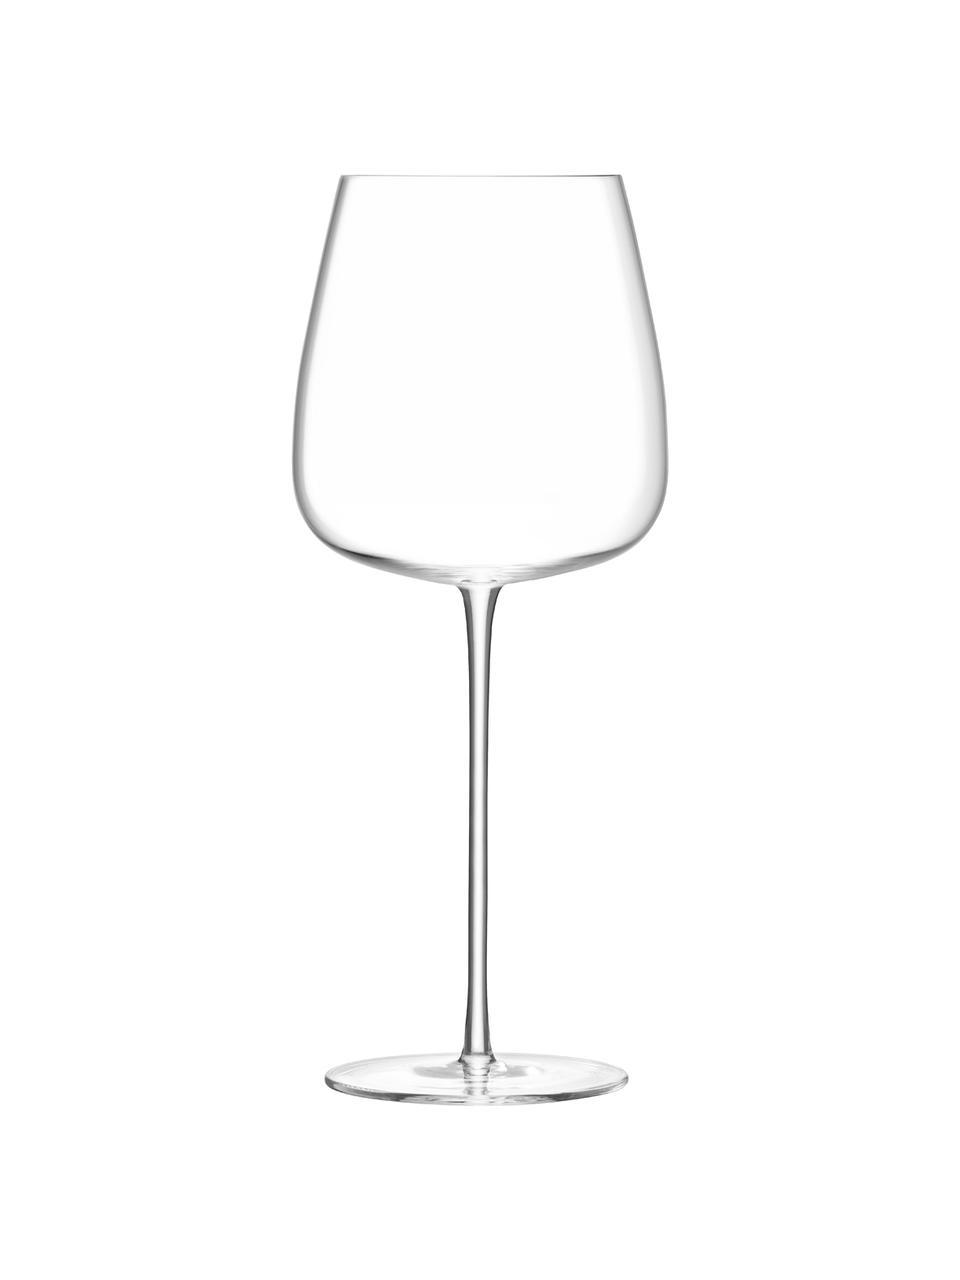 Mundgeblasene Rotweingläser Wine Culture, 2er-Set, Glas, Transparent, Ø 11 x H 26 cm